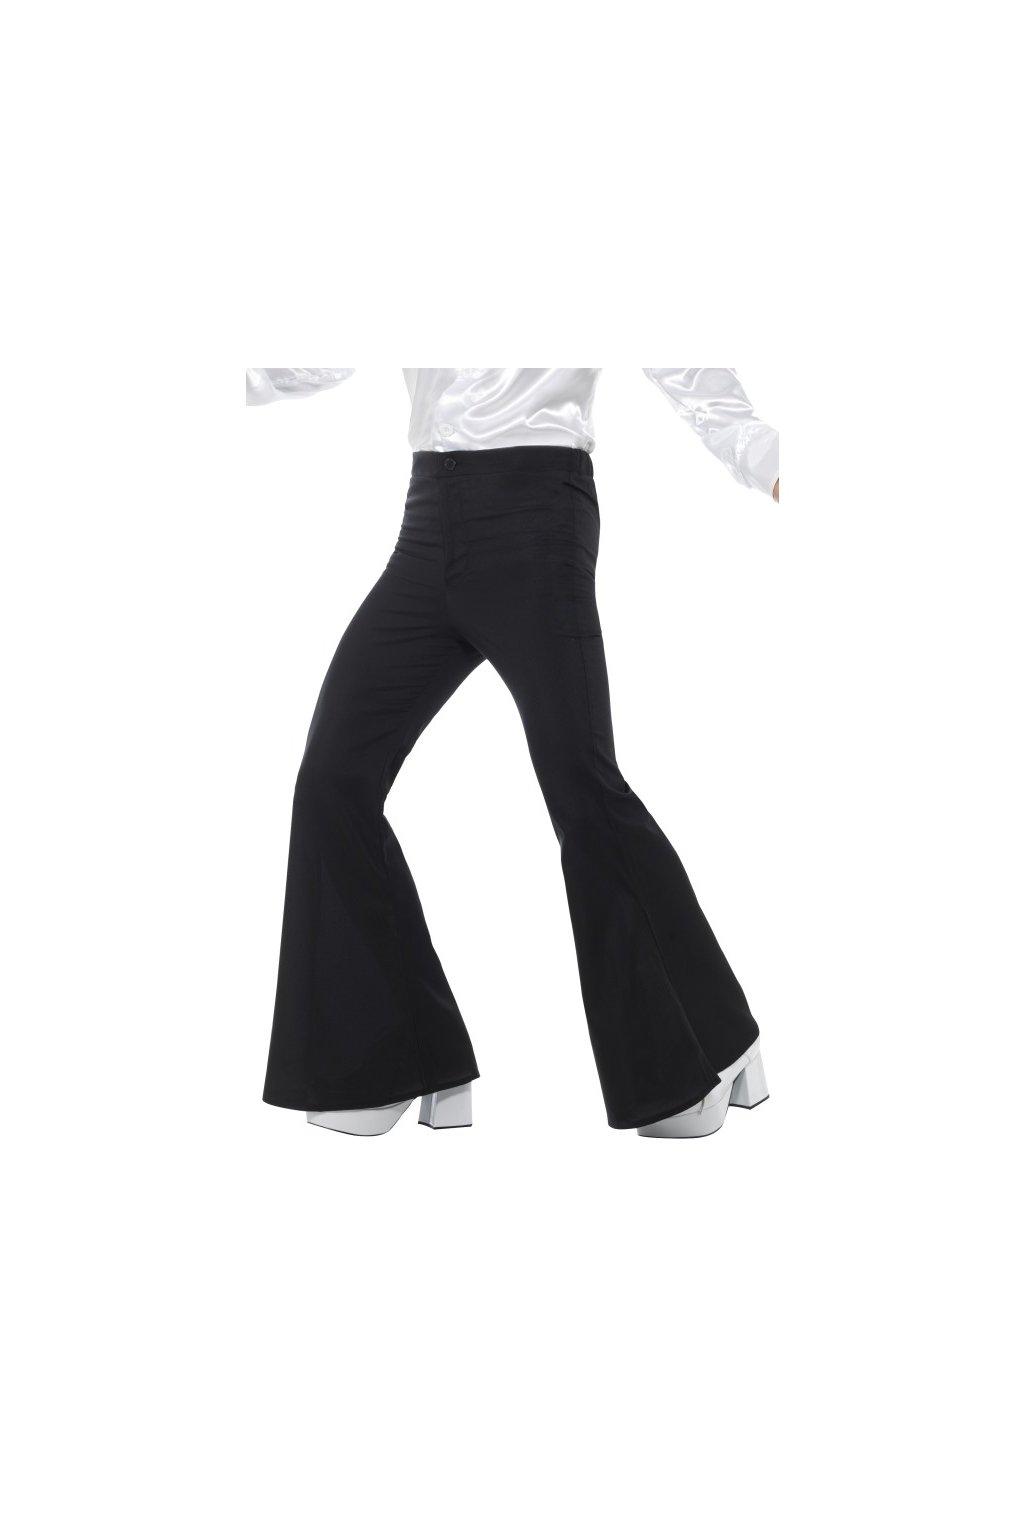 Retro kalhoty do zvonu černé